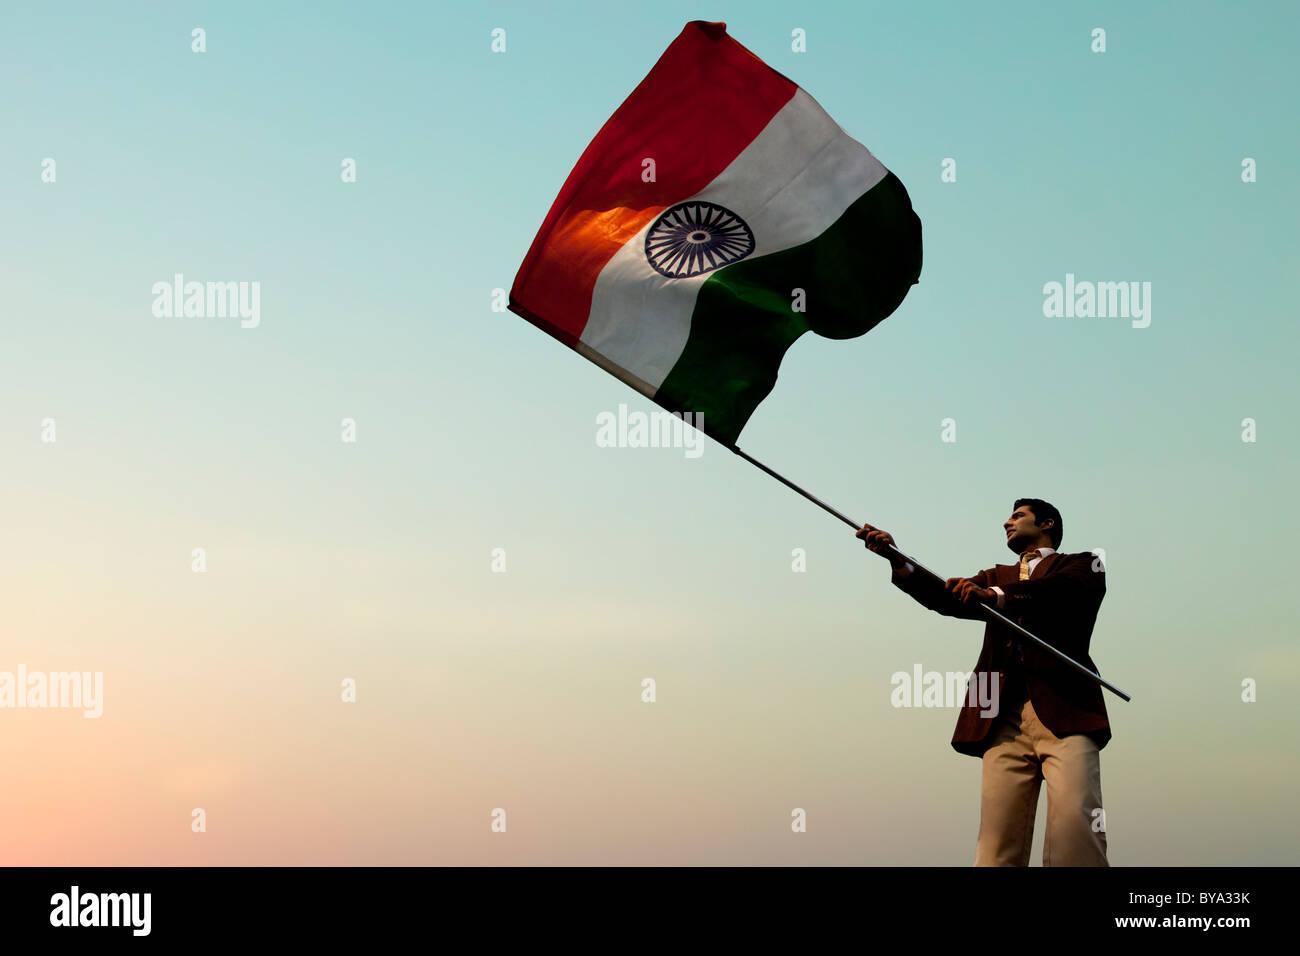 Empresario sosteniendo la bandera india Imagen De Stock